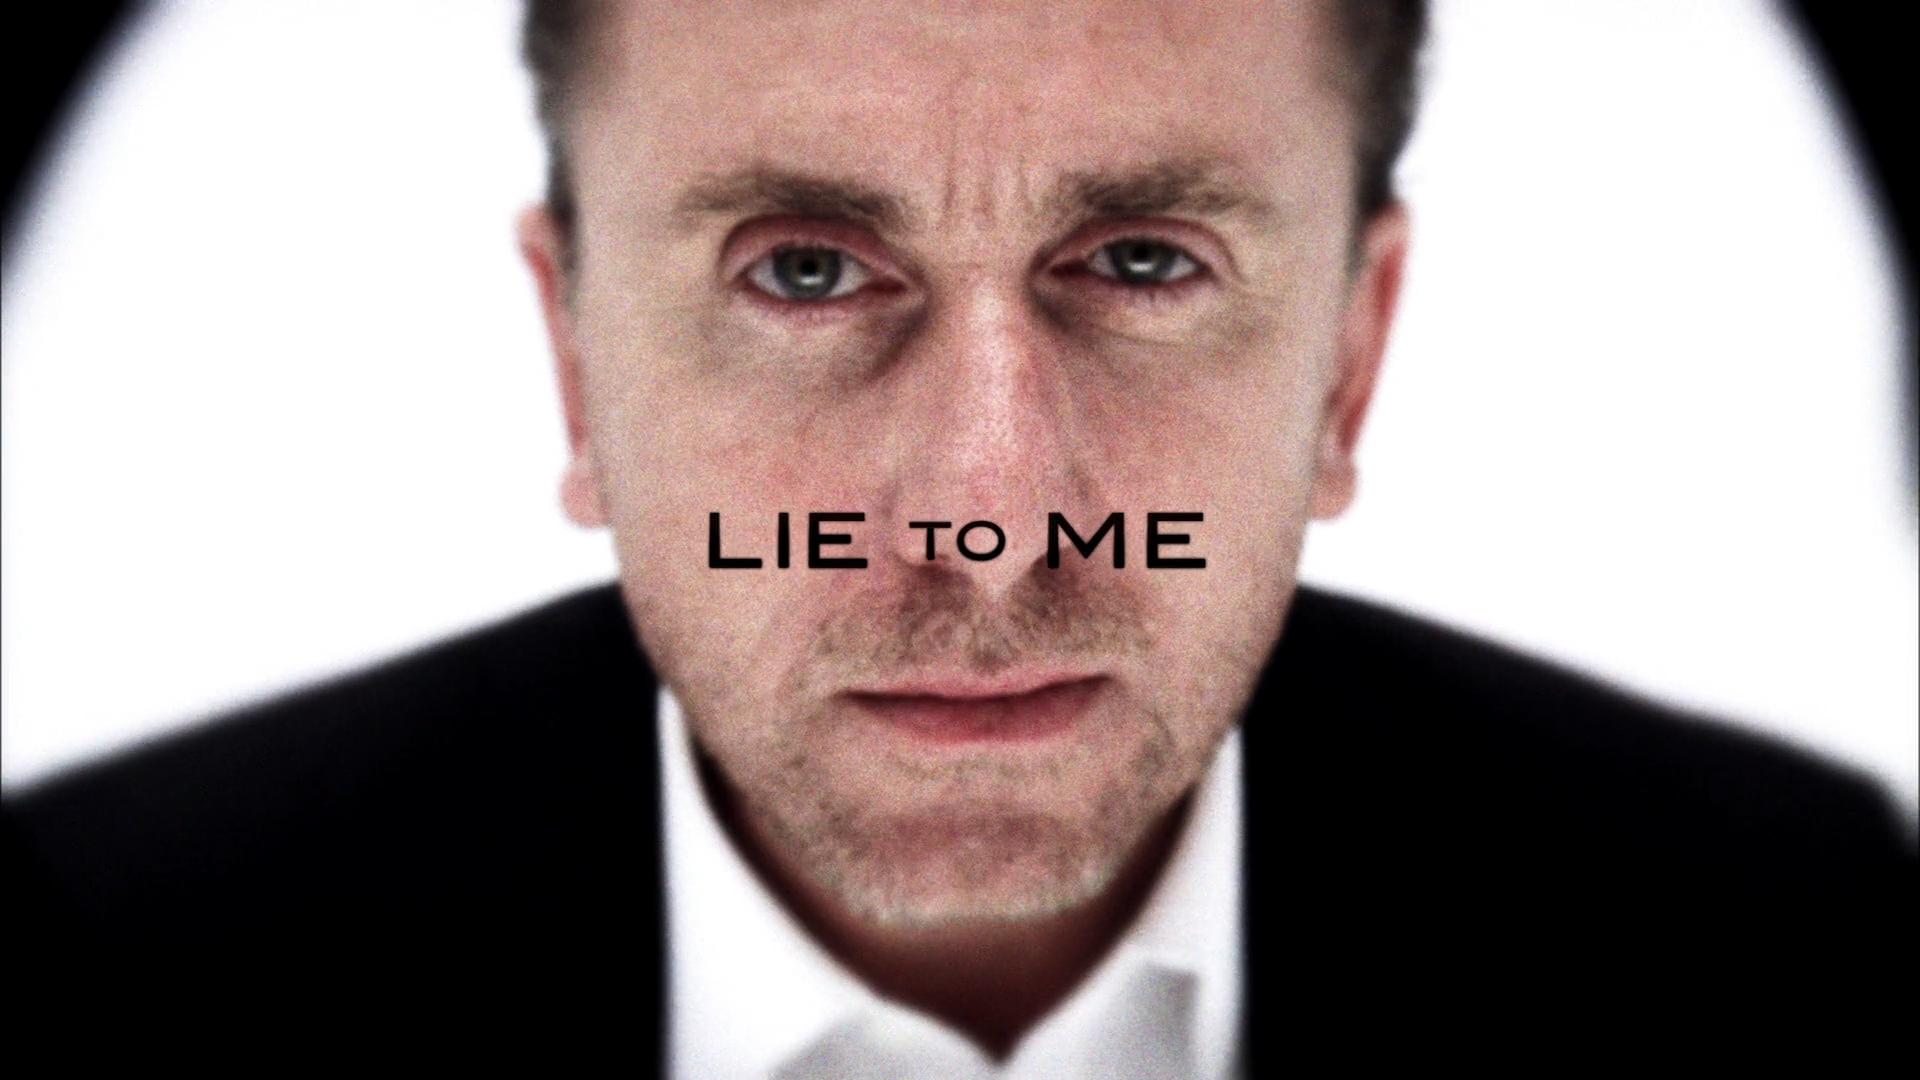 Din krop røber når du lyver